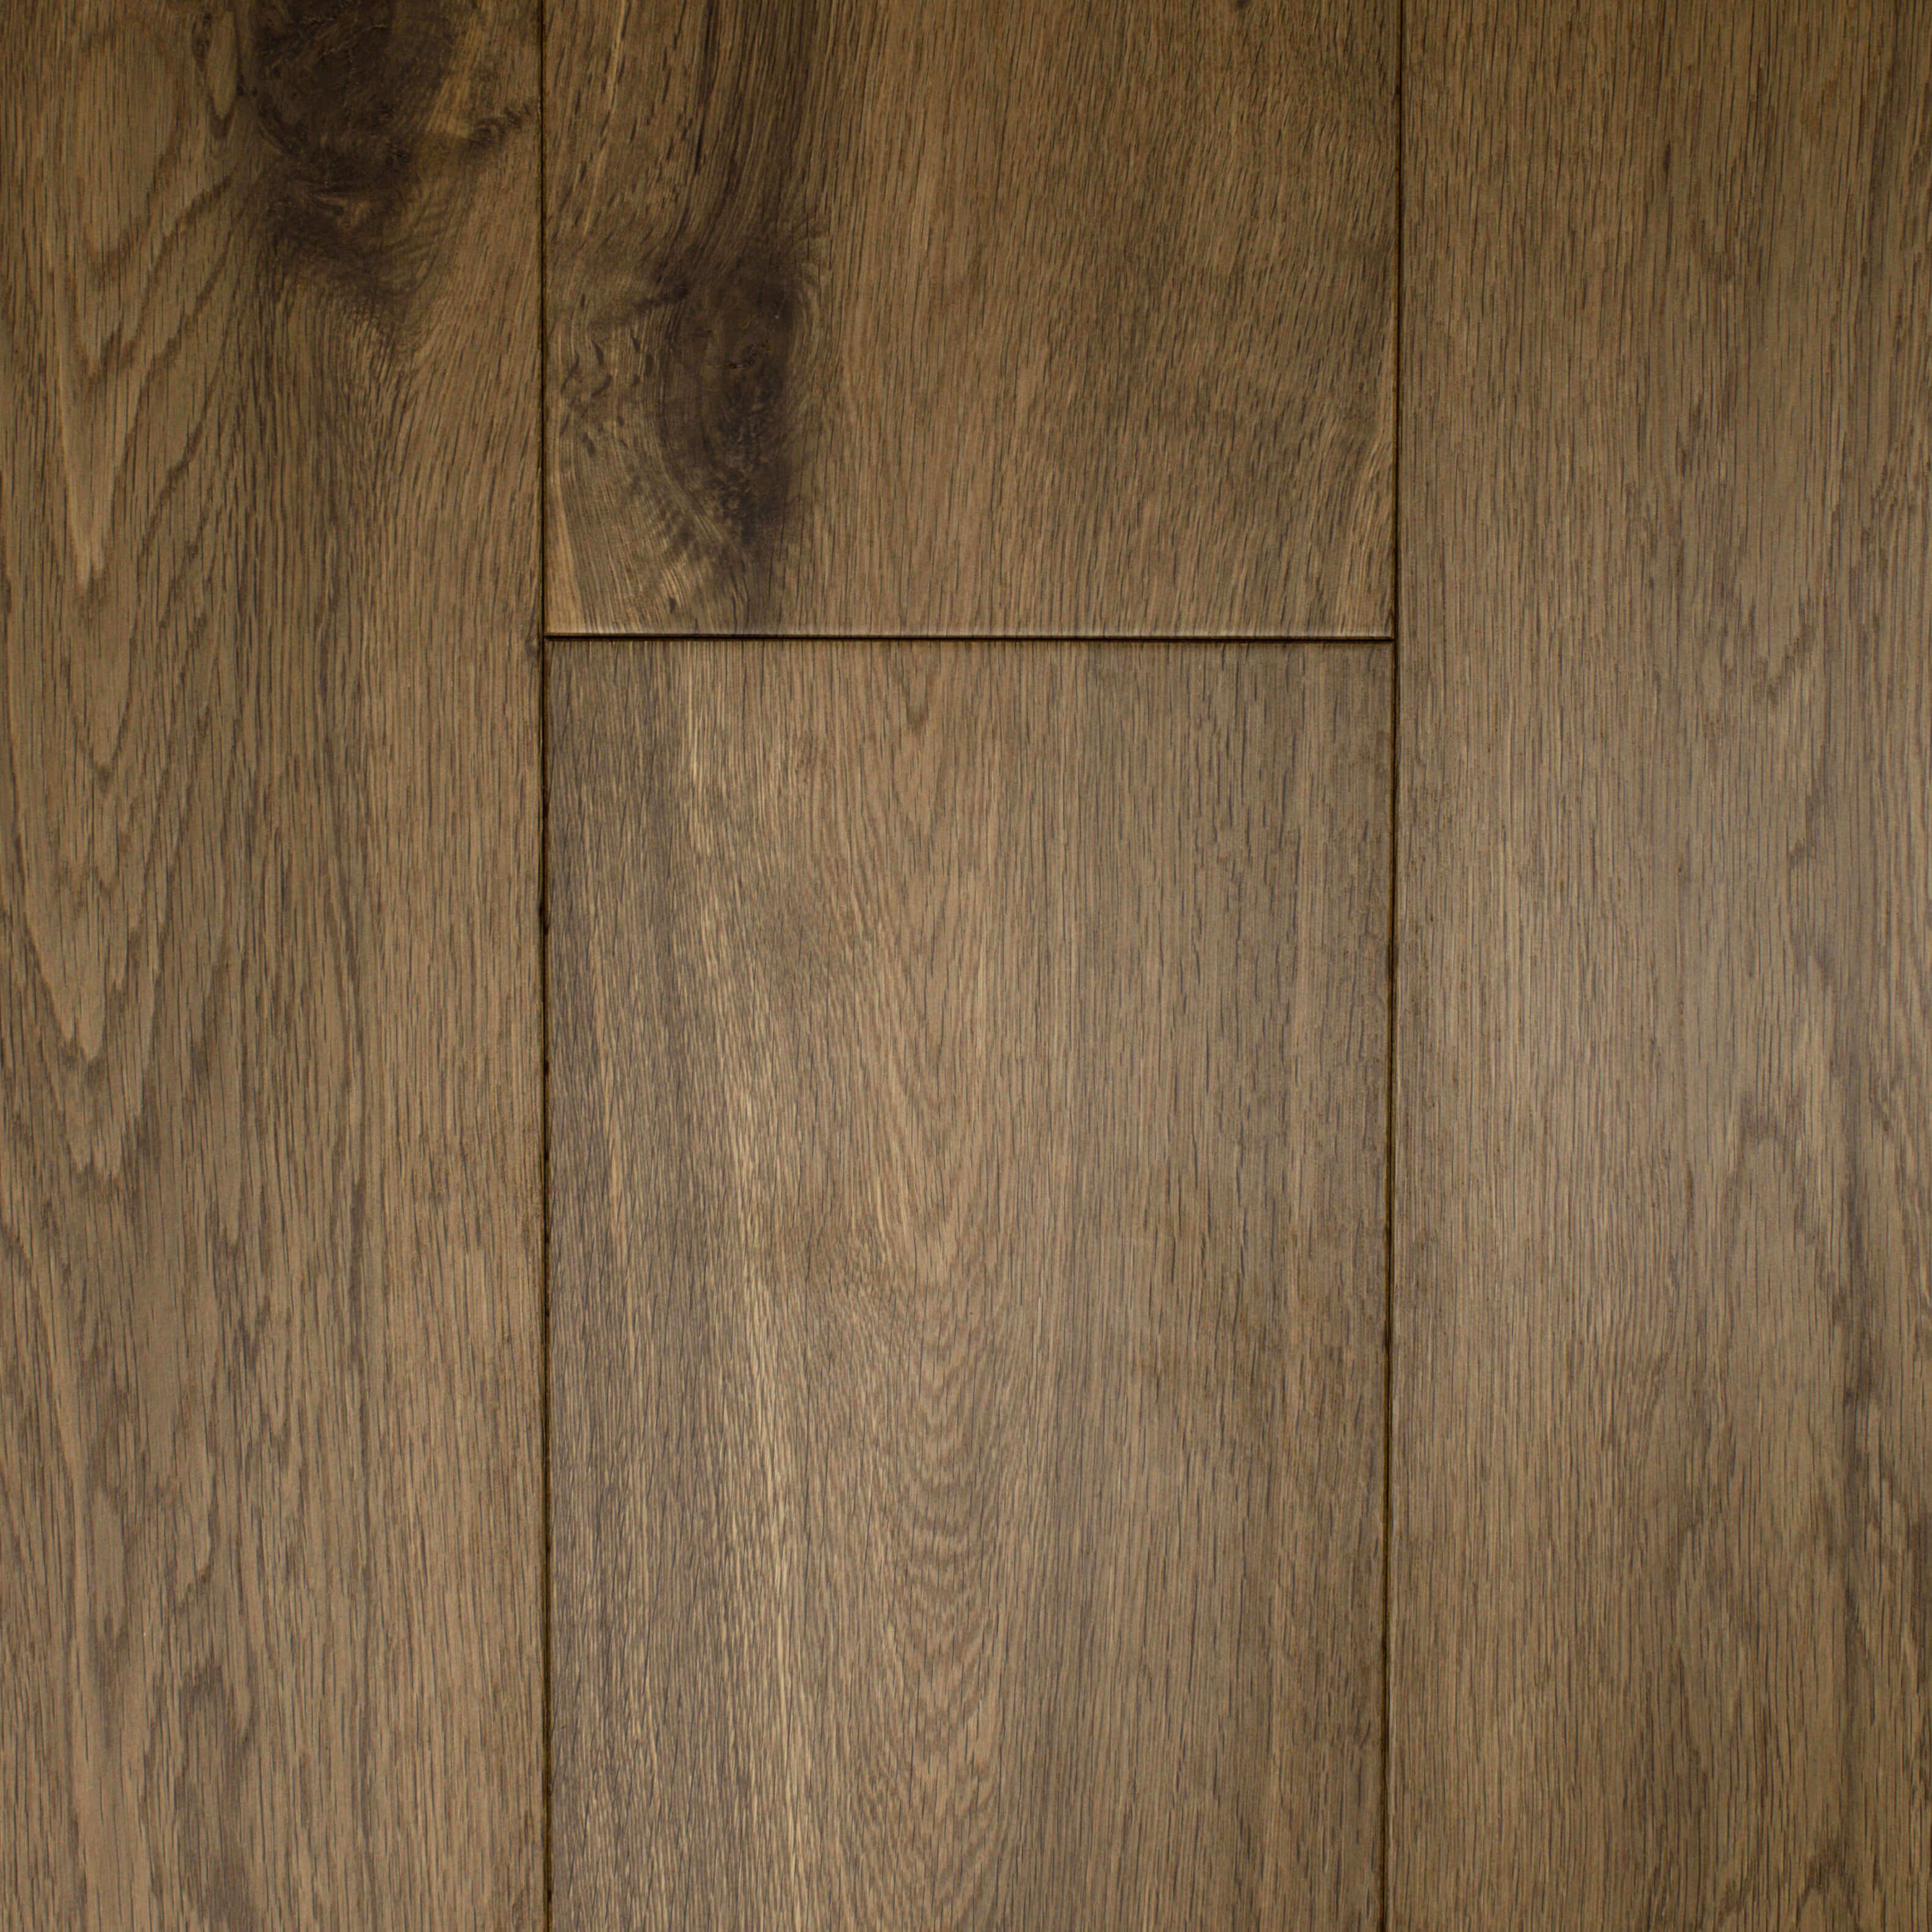 Signature Oak Cognac Trevors Carpets